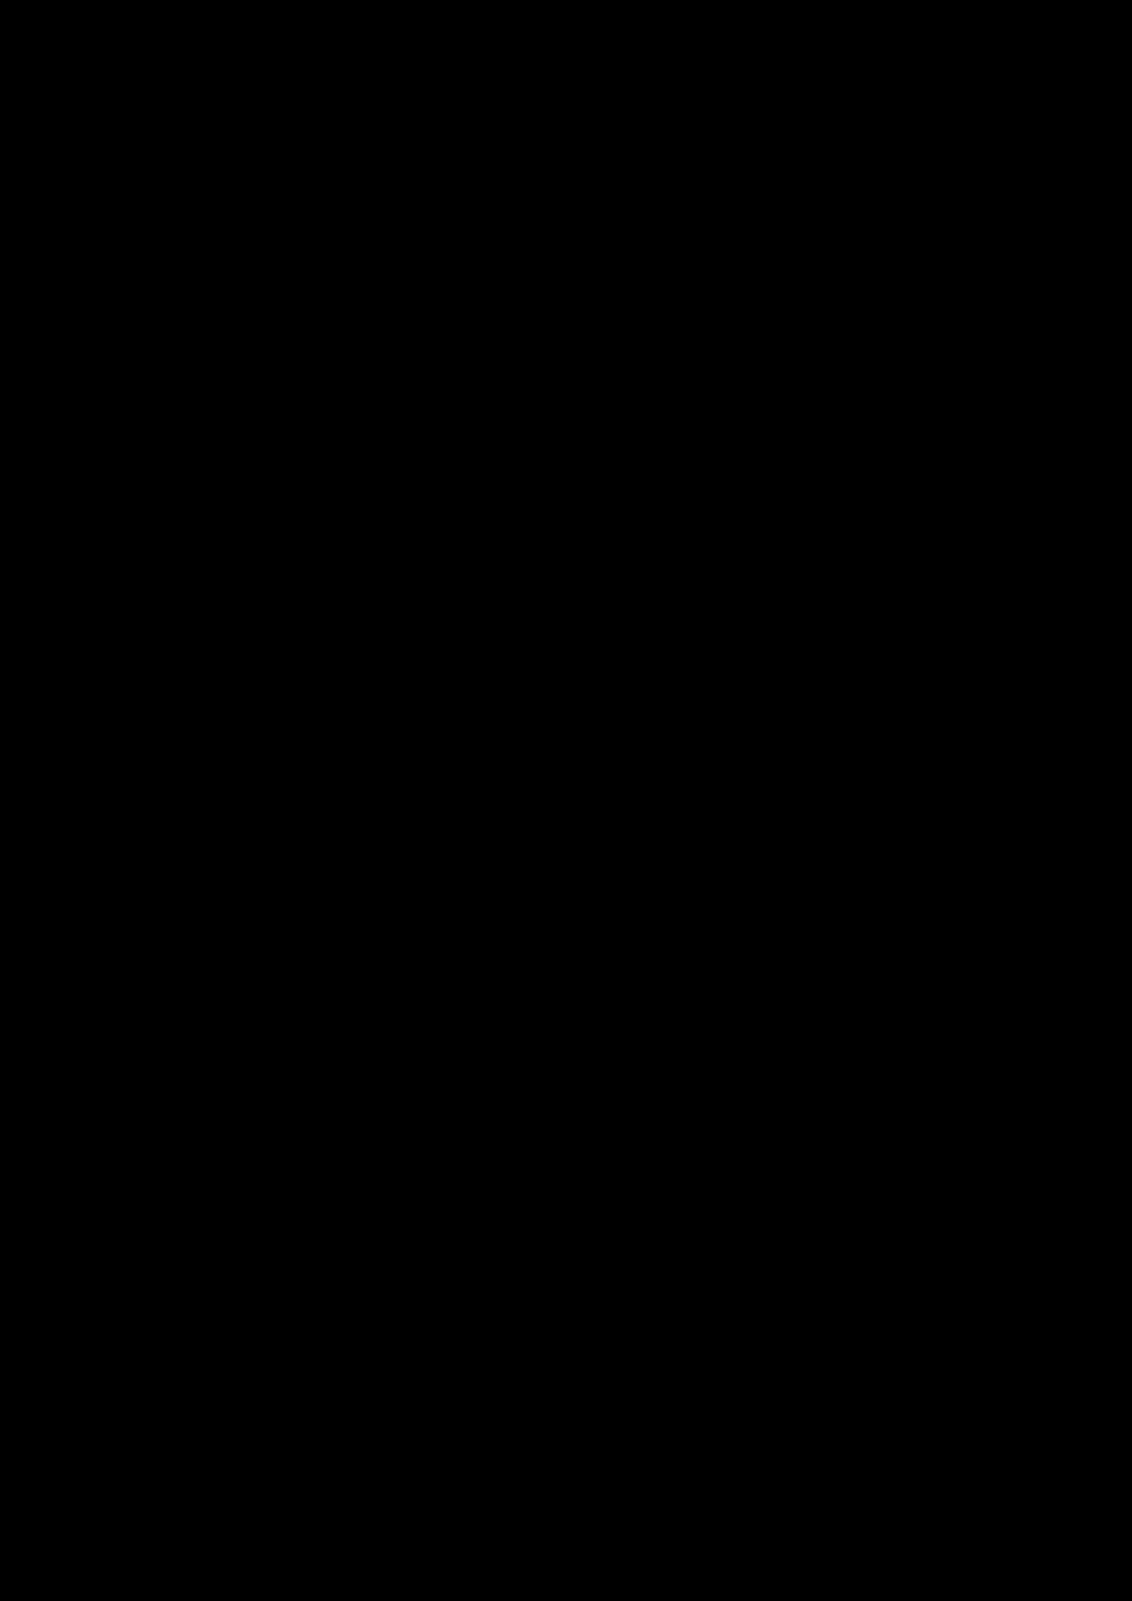 Prolog slide, Image 35